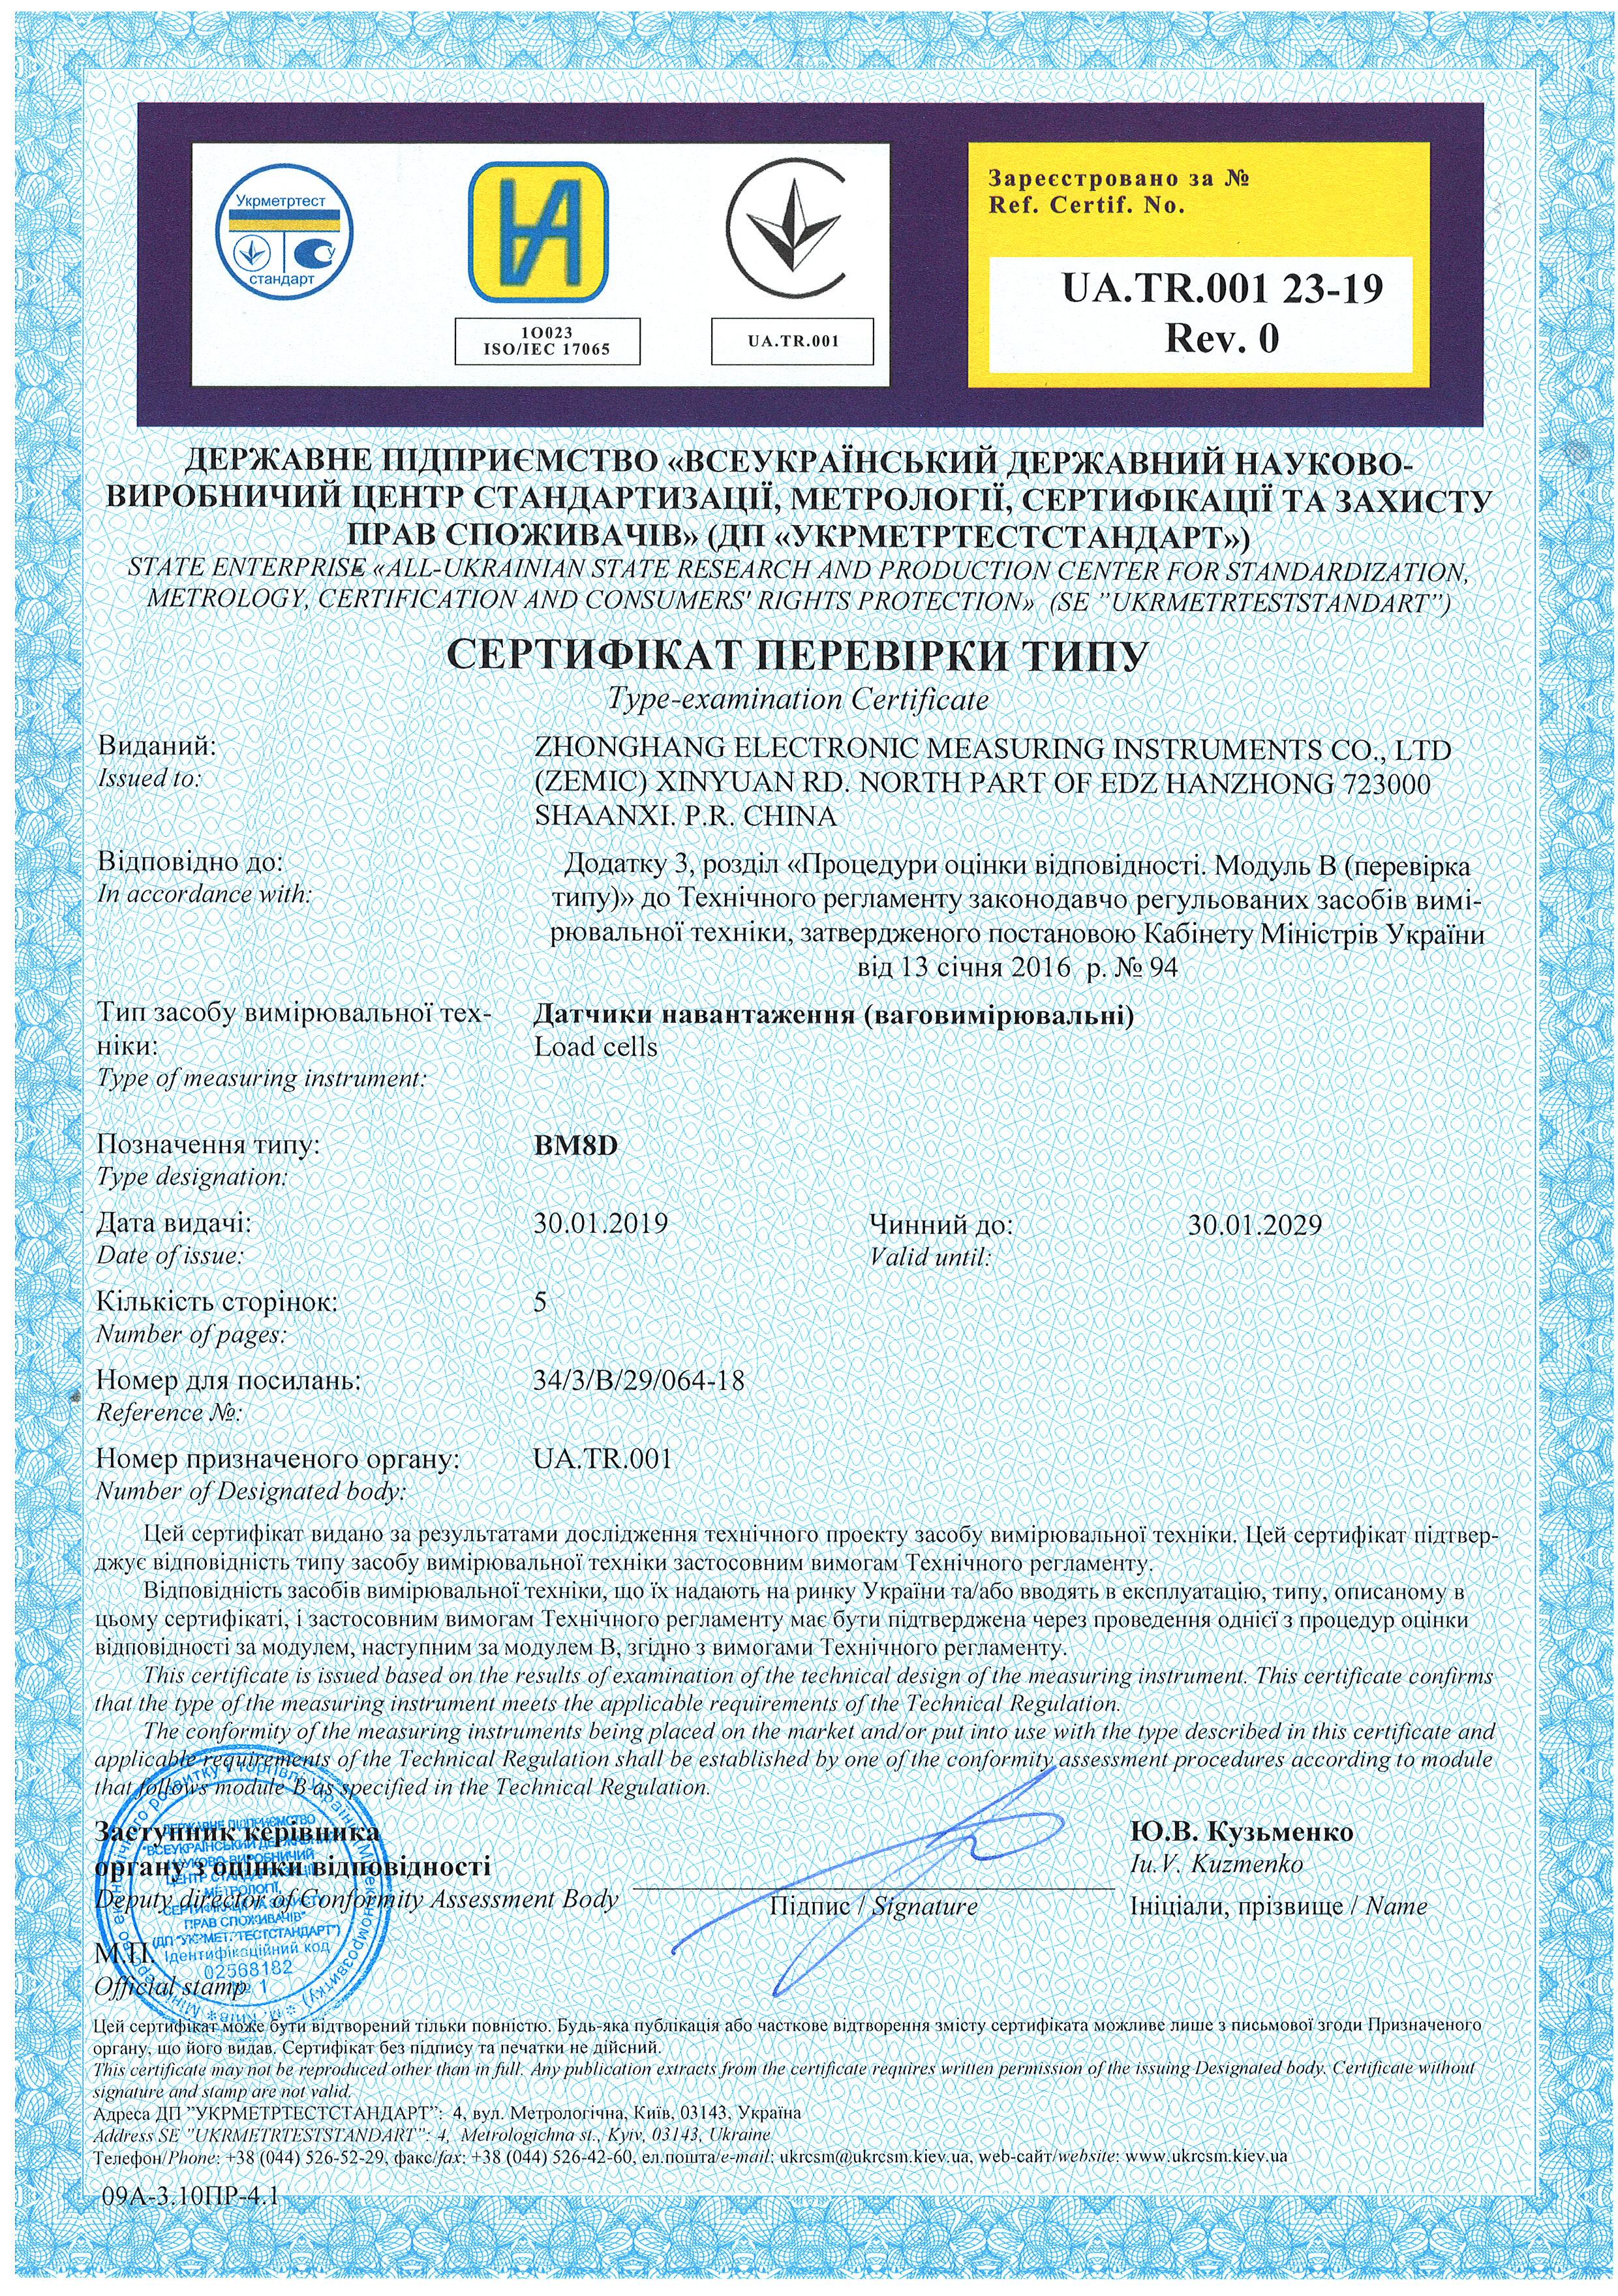 Сертификат Украины ZEMIC  тип модели BM8D